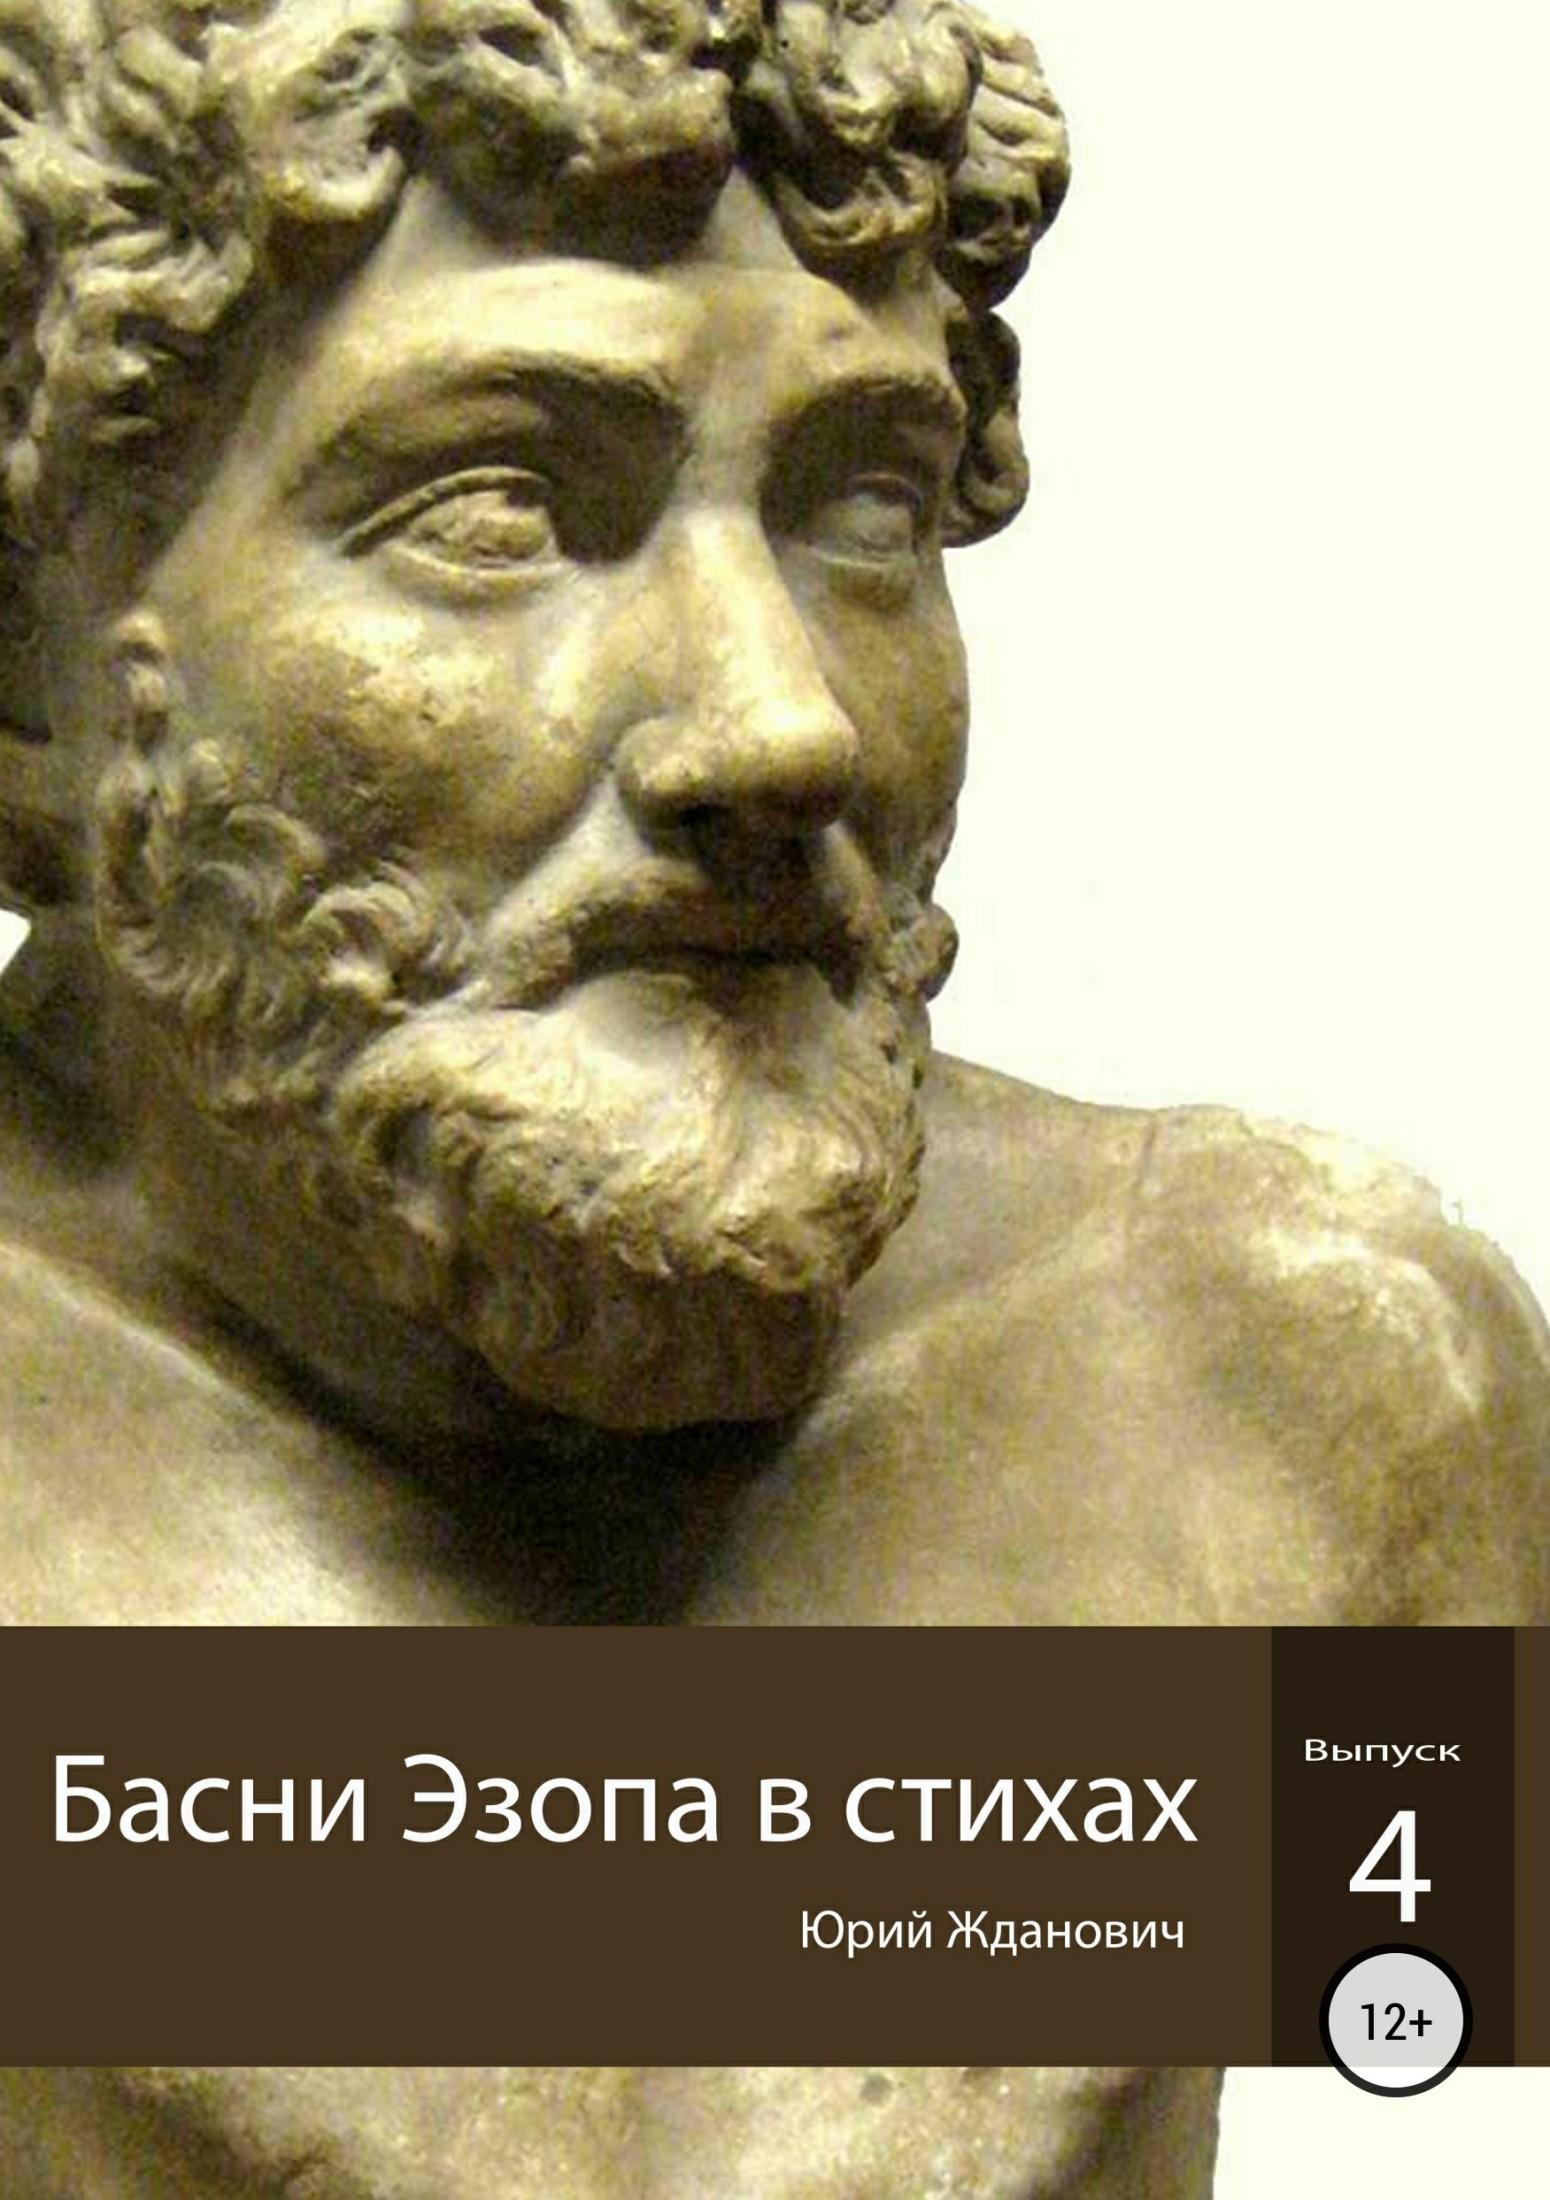 Басни Эзопа в стихах. Выпуск 4